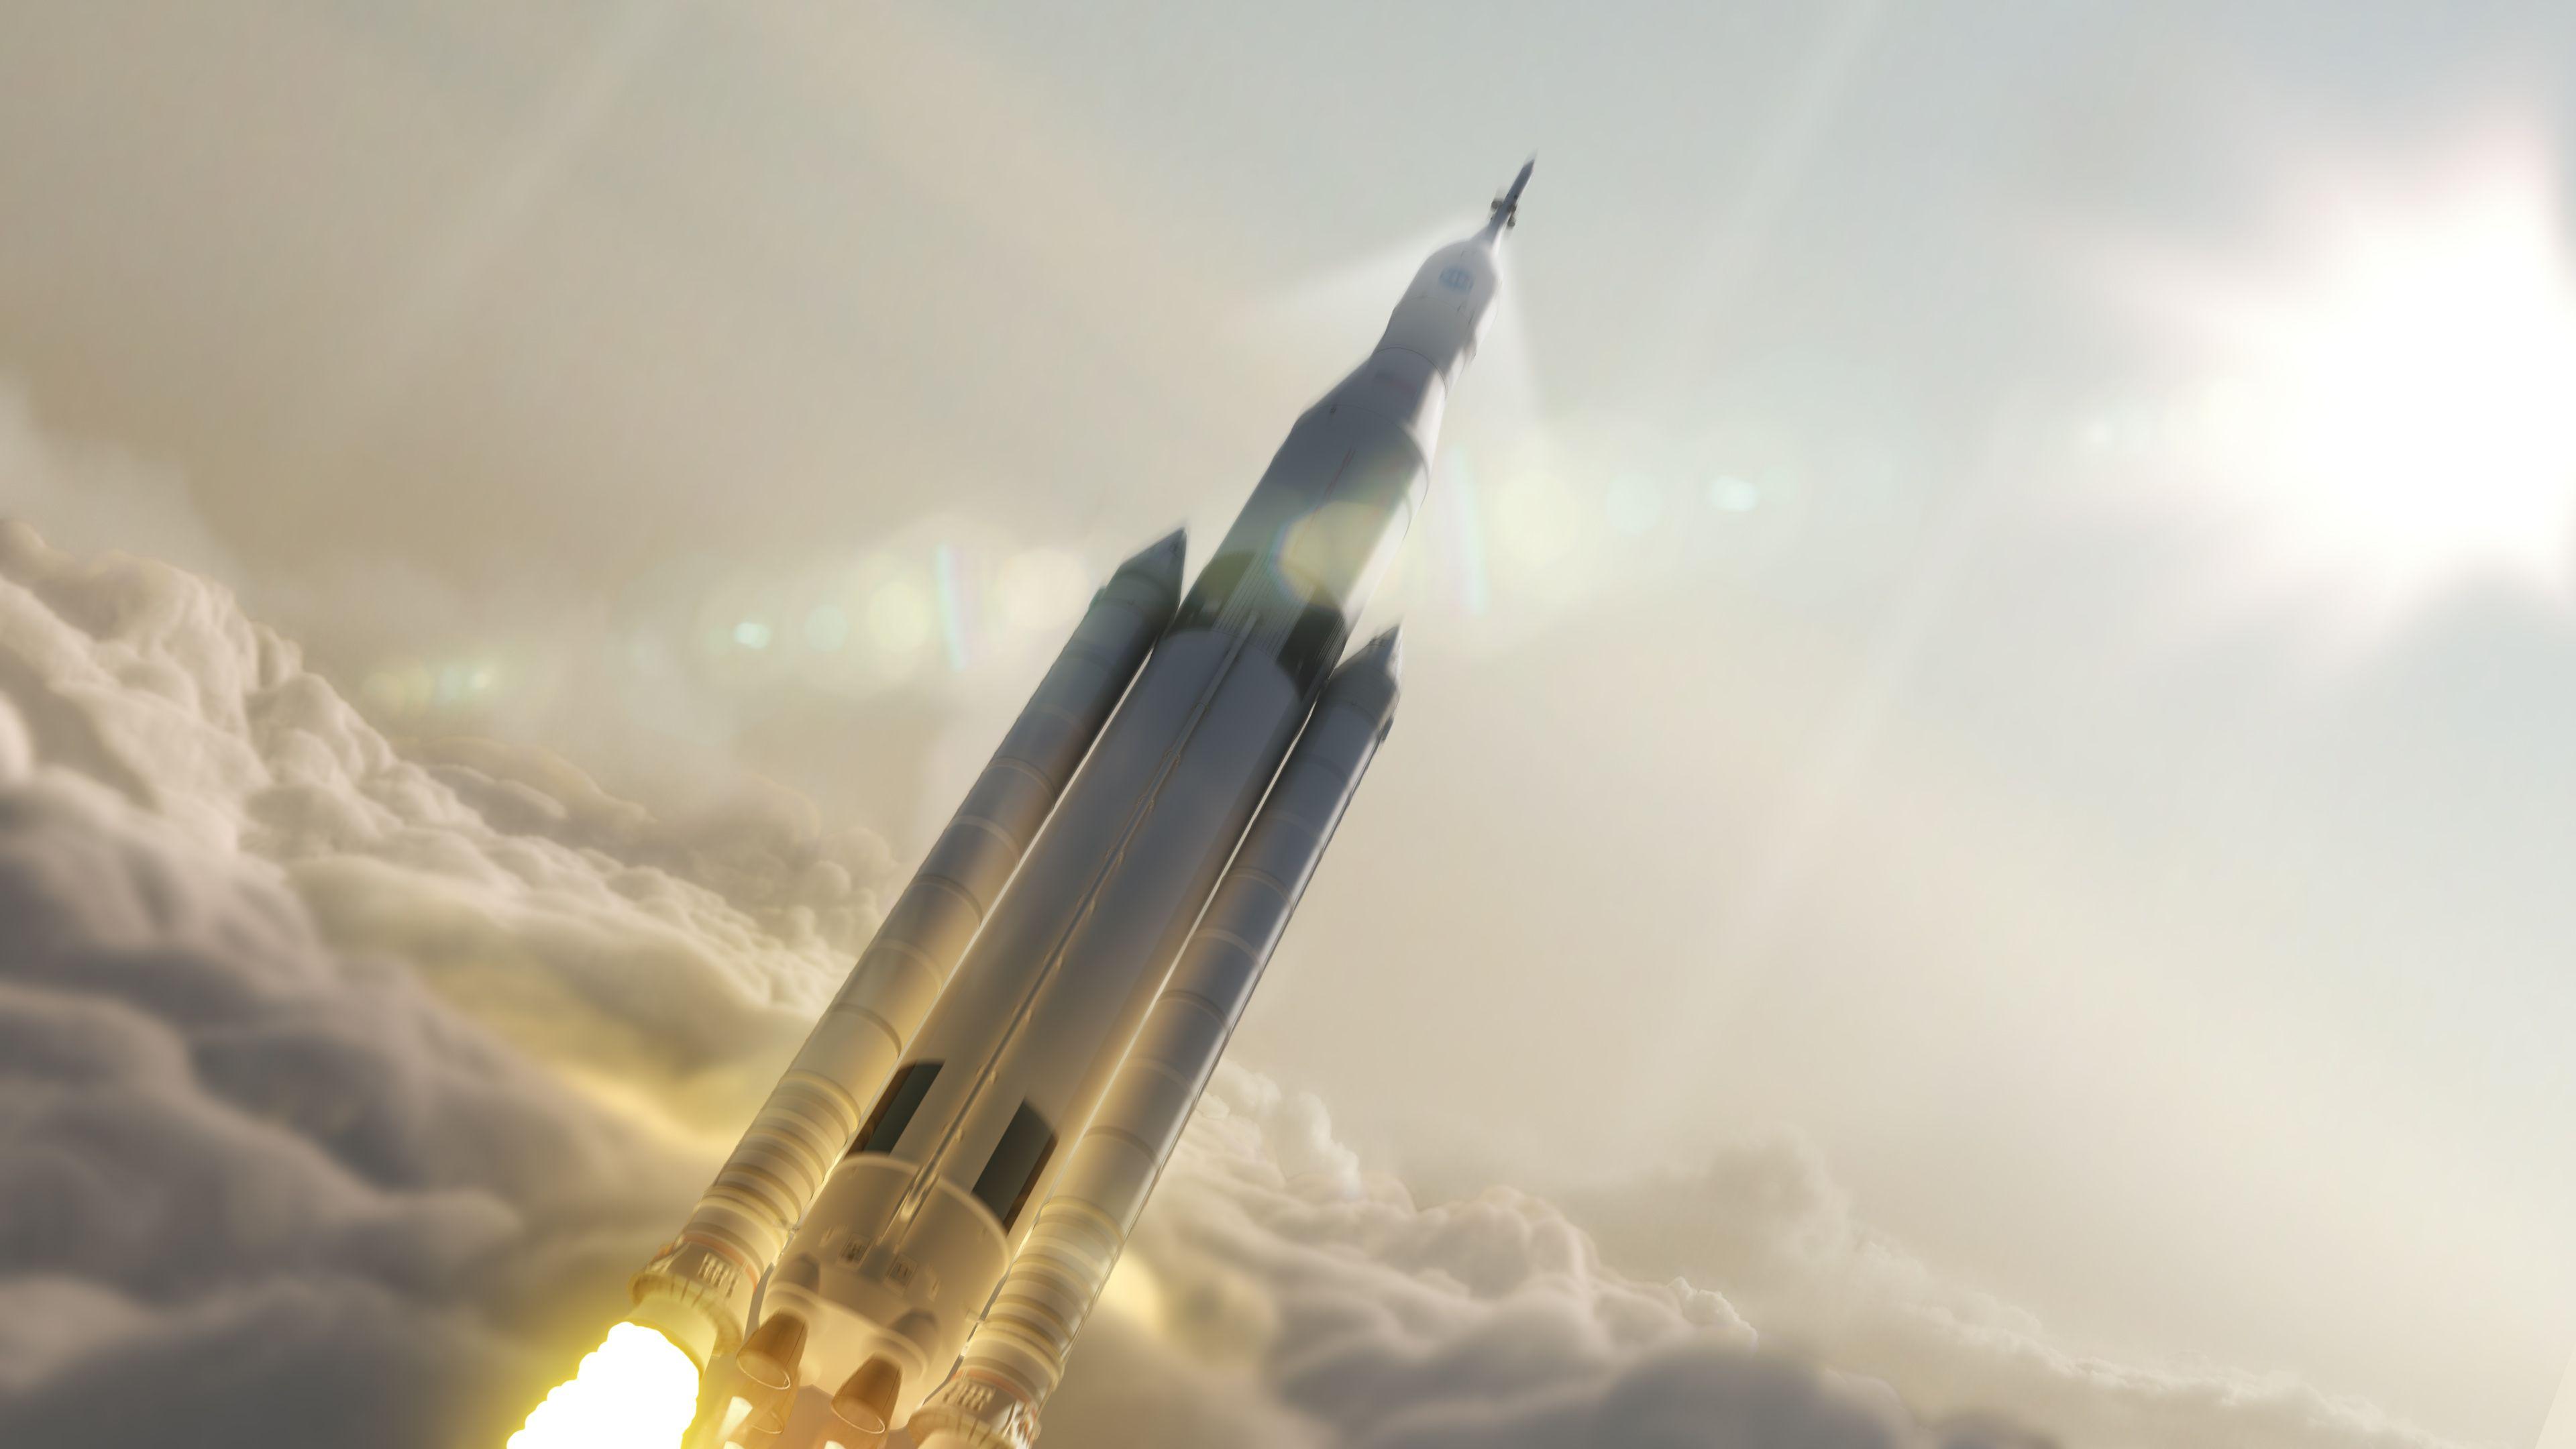 Тяжелой ракеты Falcon компании spacex обои скачать